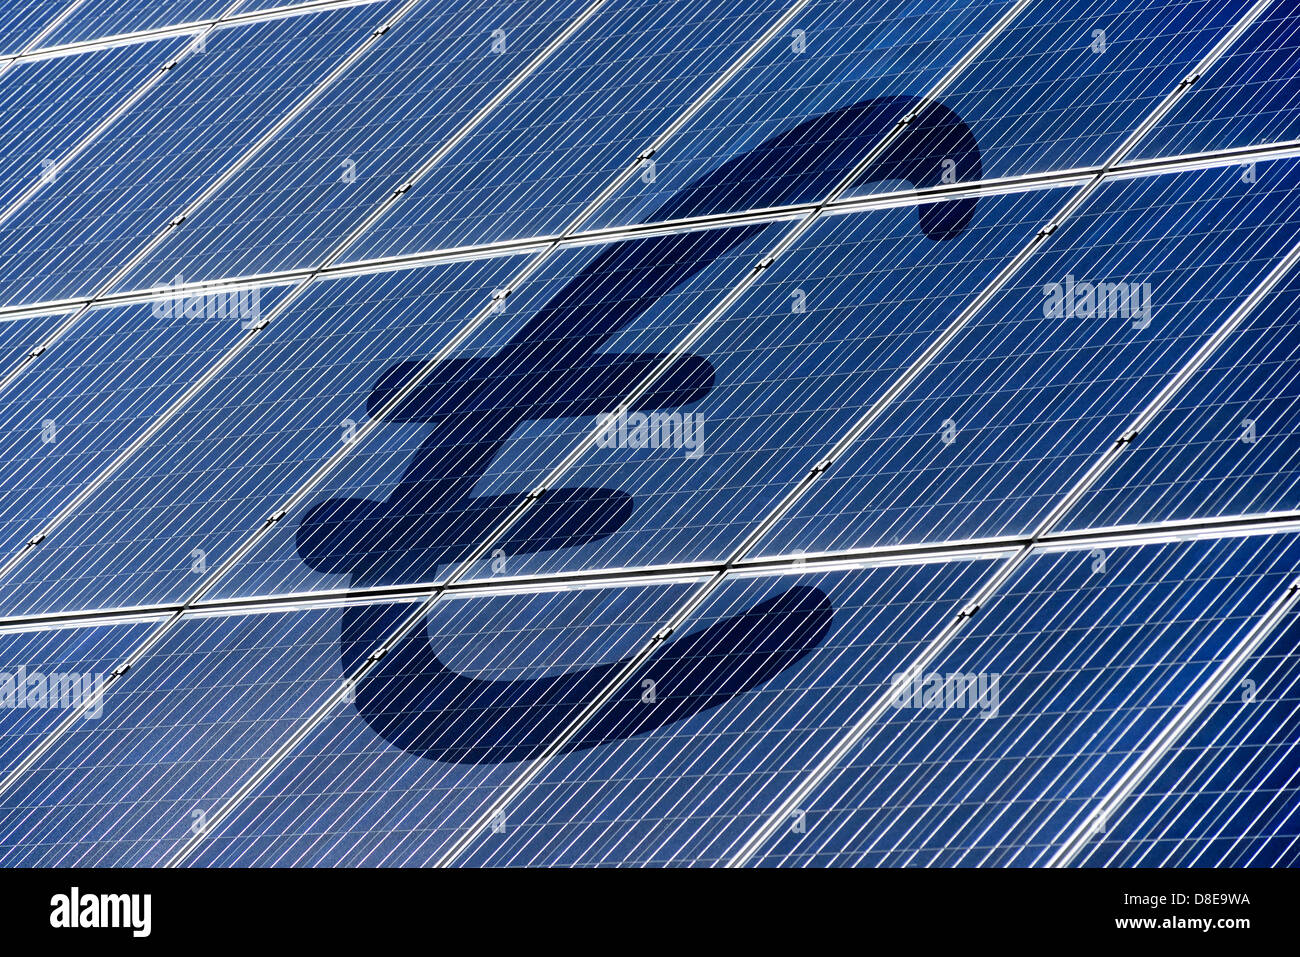 Techo con paneles solares, la energía solar Imagen De Stock